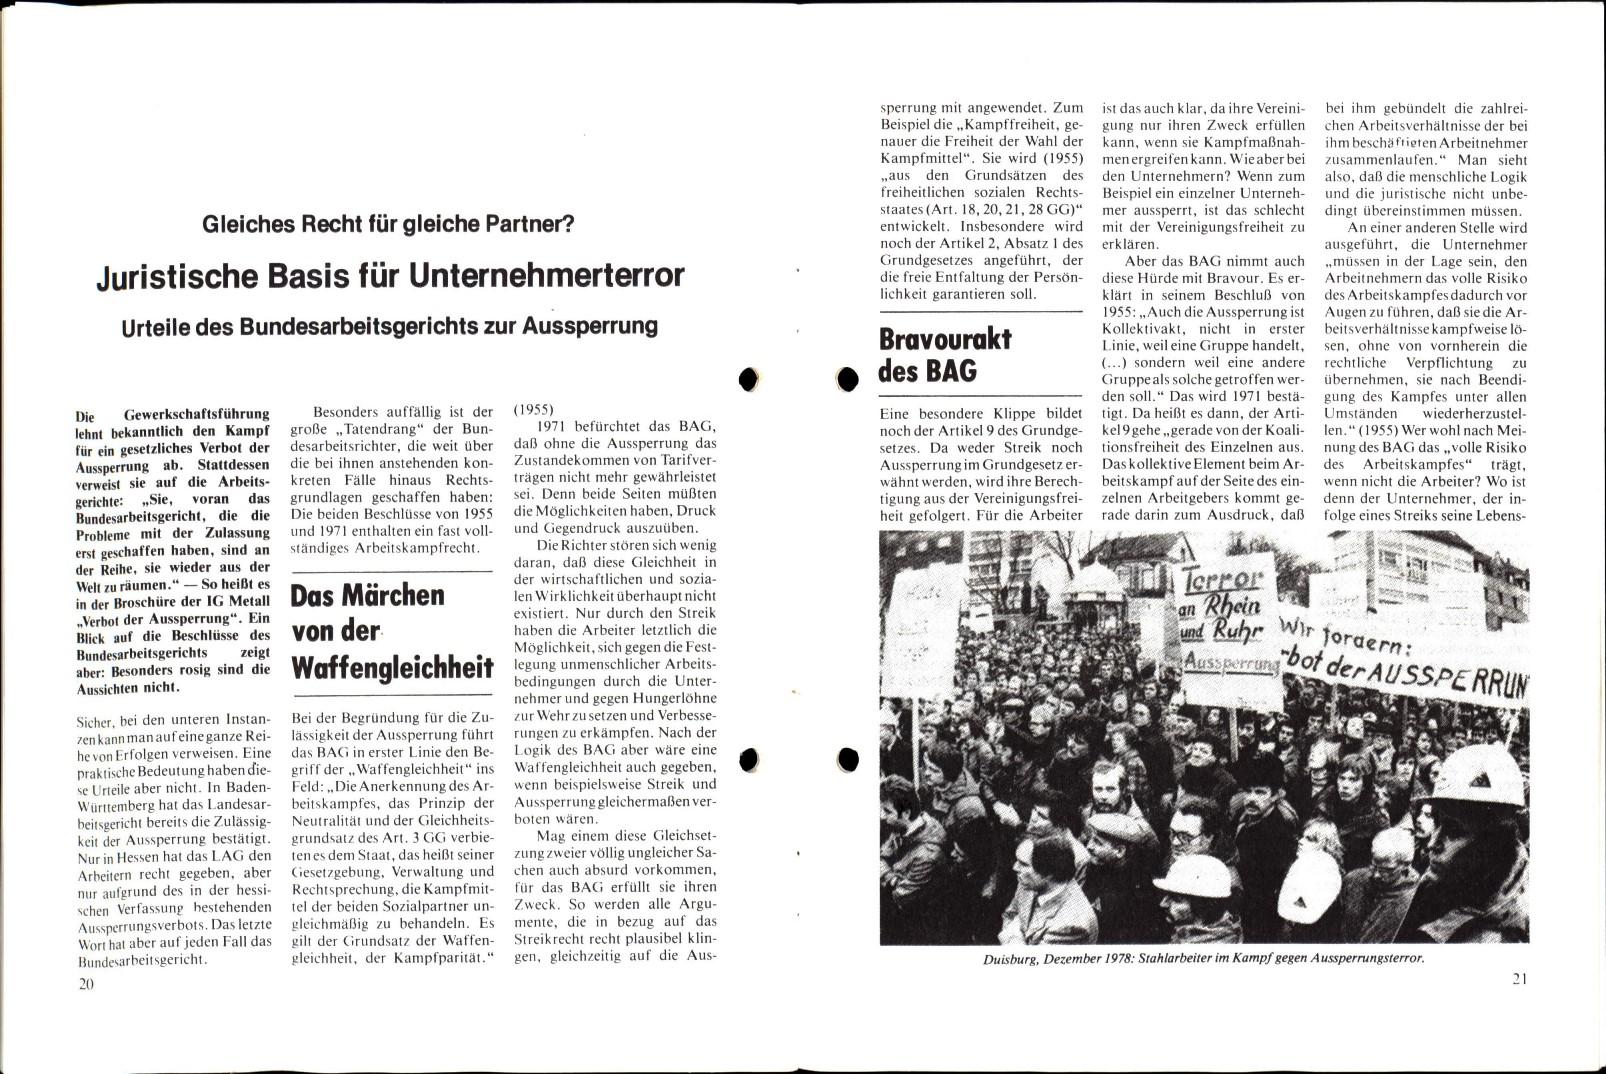 KPDML_1979_Aussperrung_verbieten_11